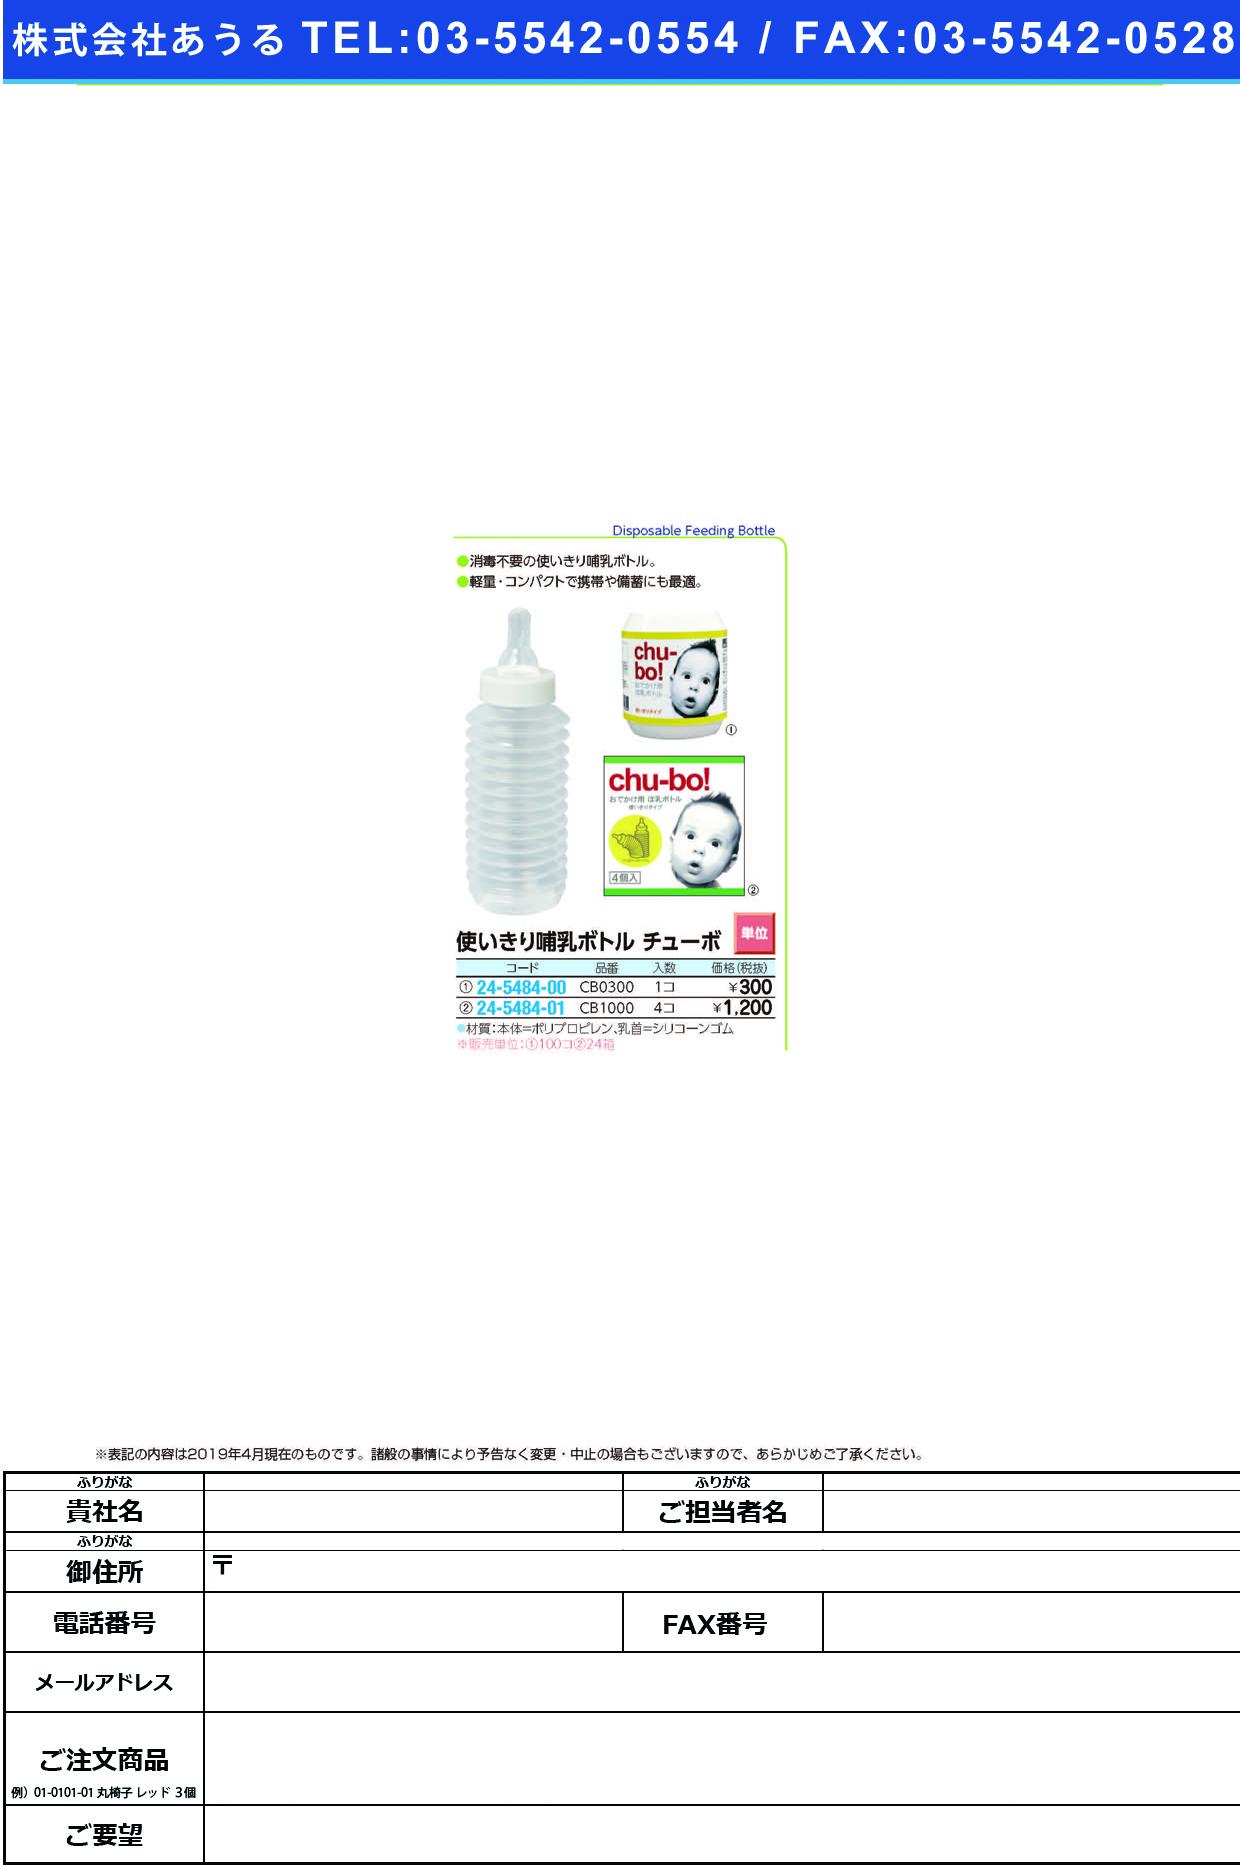 (24-5484-00)使いきり哺乳ボトルチューボ CB0300(1コ) ツカイキリホニュウボトルチューボ【100個単位】【2019年カタログ商品】